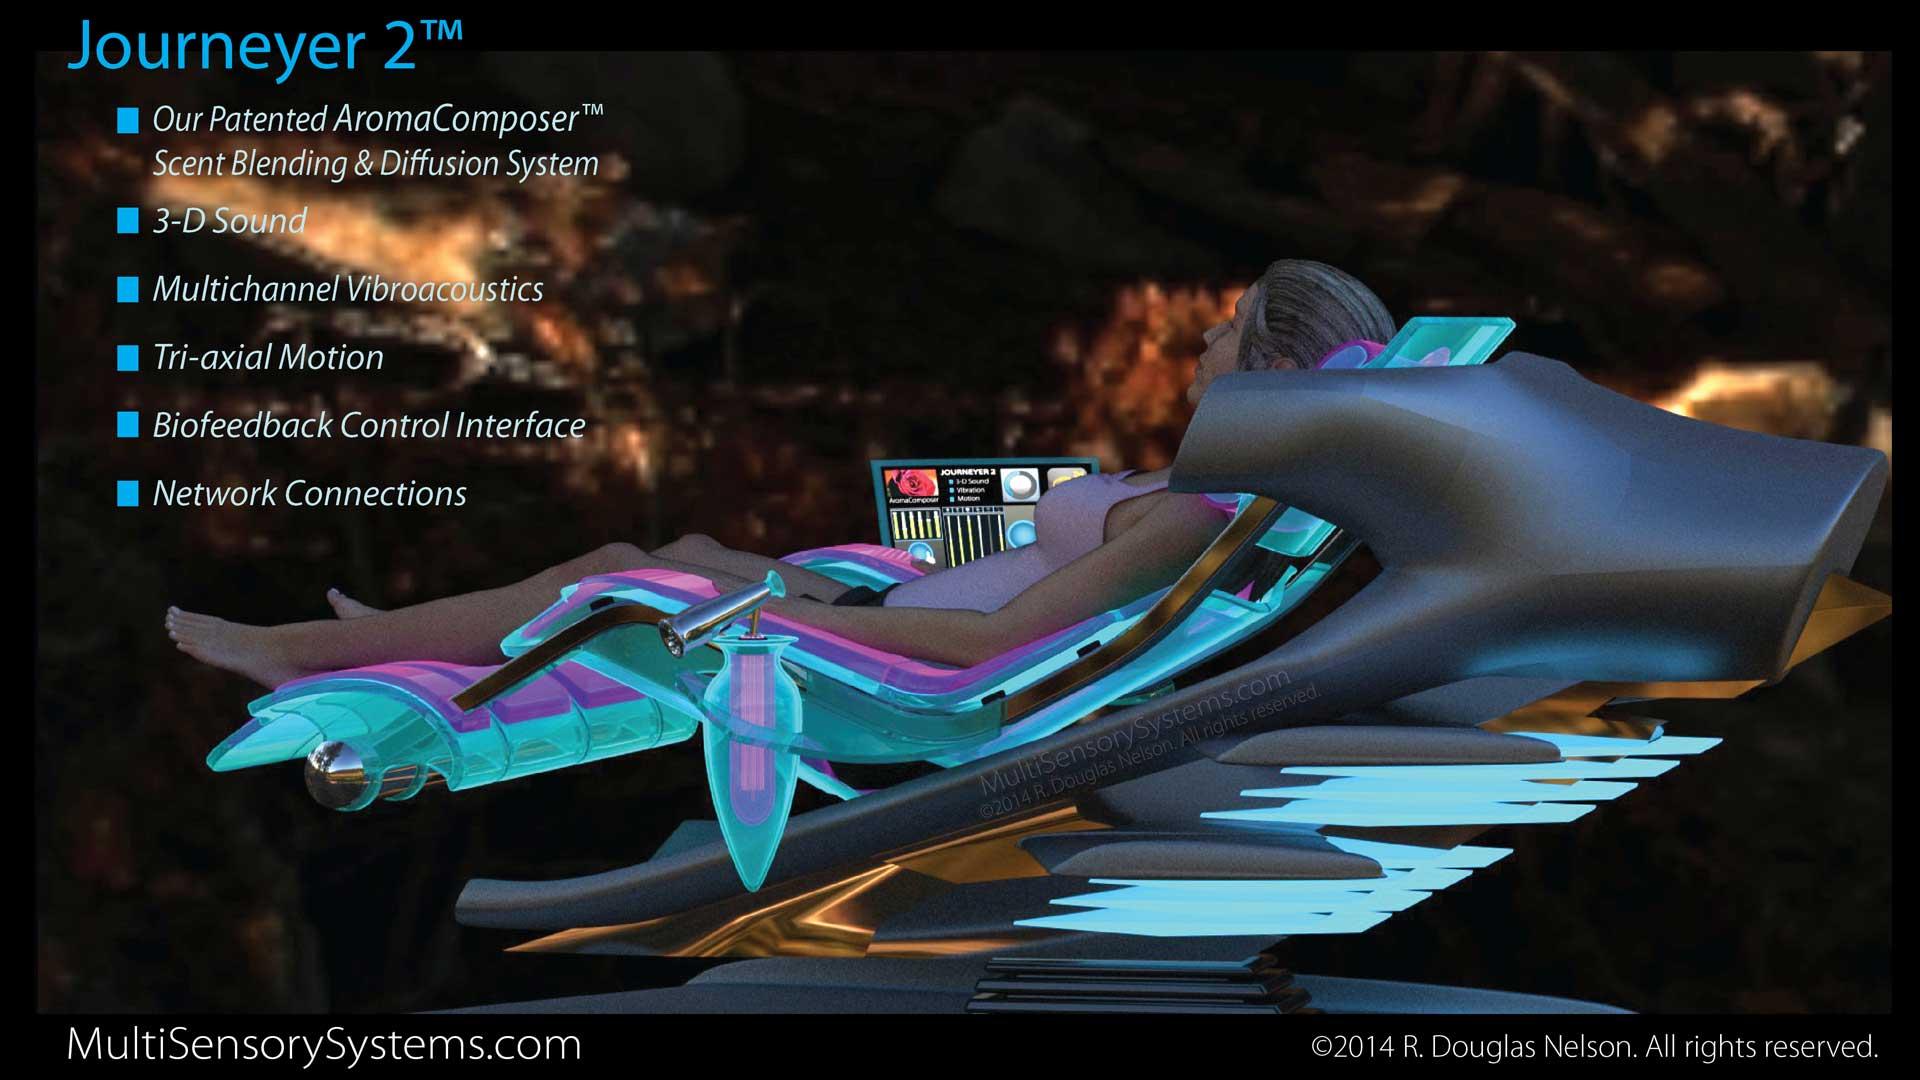 Journeyer2G - Features